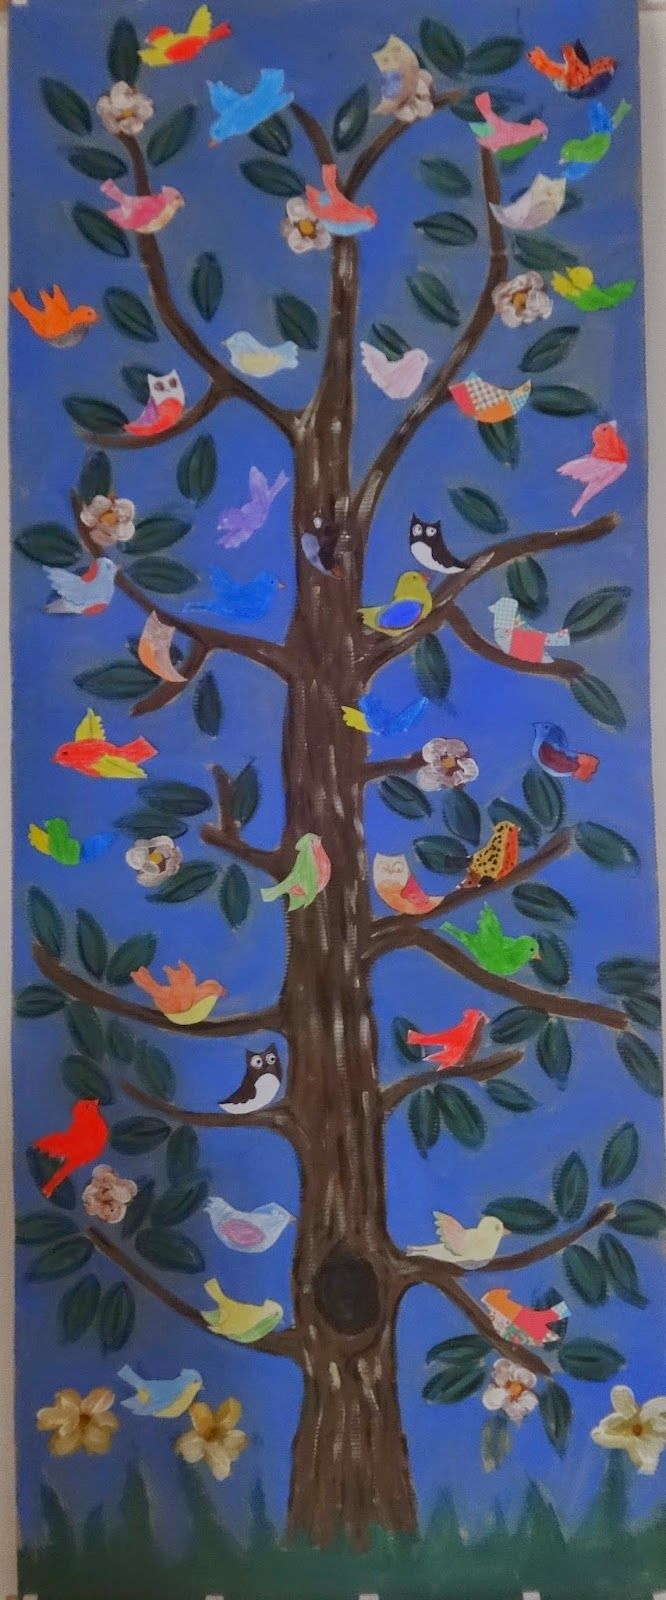 Csak kreatívan- A rajztanár szeme: Madarak és Fák Napja- Birds and Trees